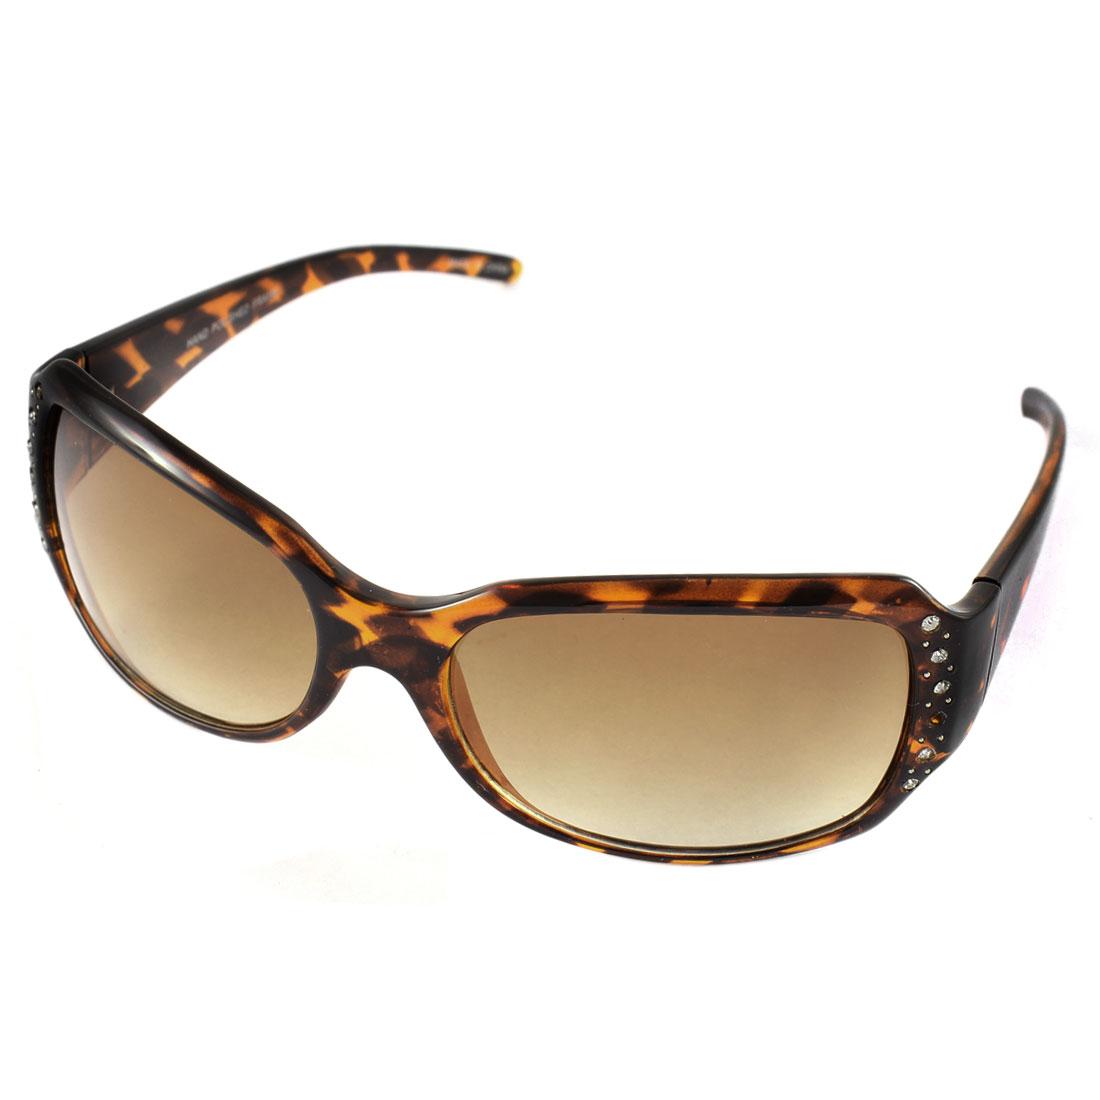 Women Leopard Style Single Bridge Sun Glasses Outdoor Eye Wear Brown